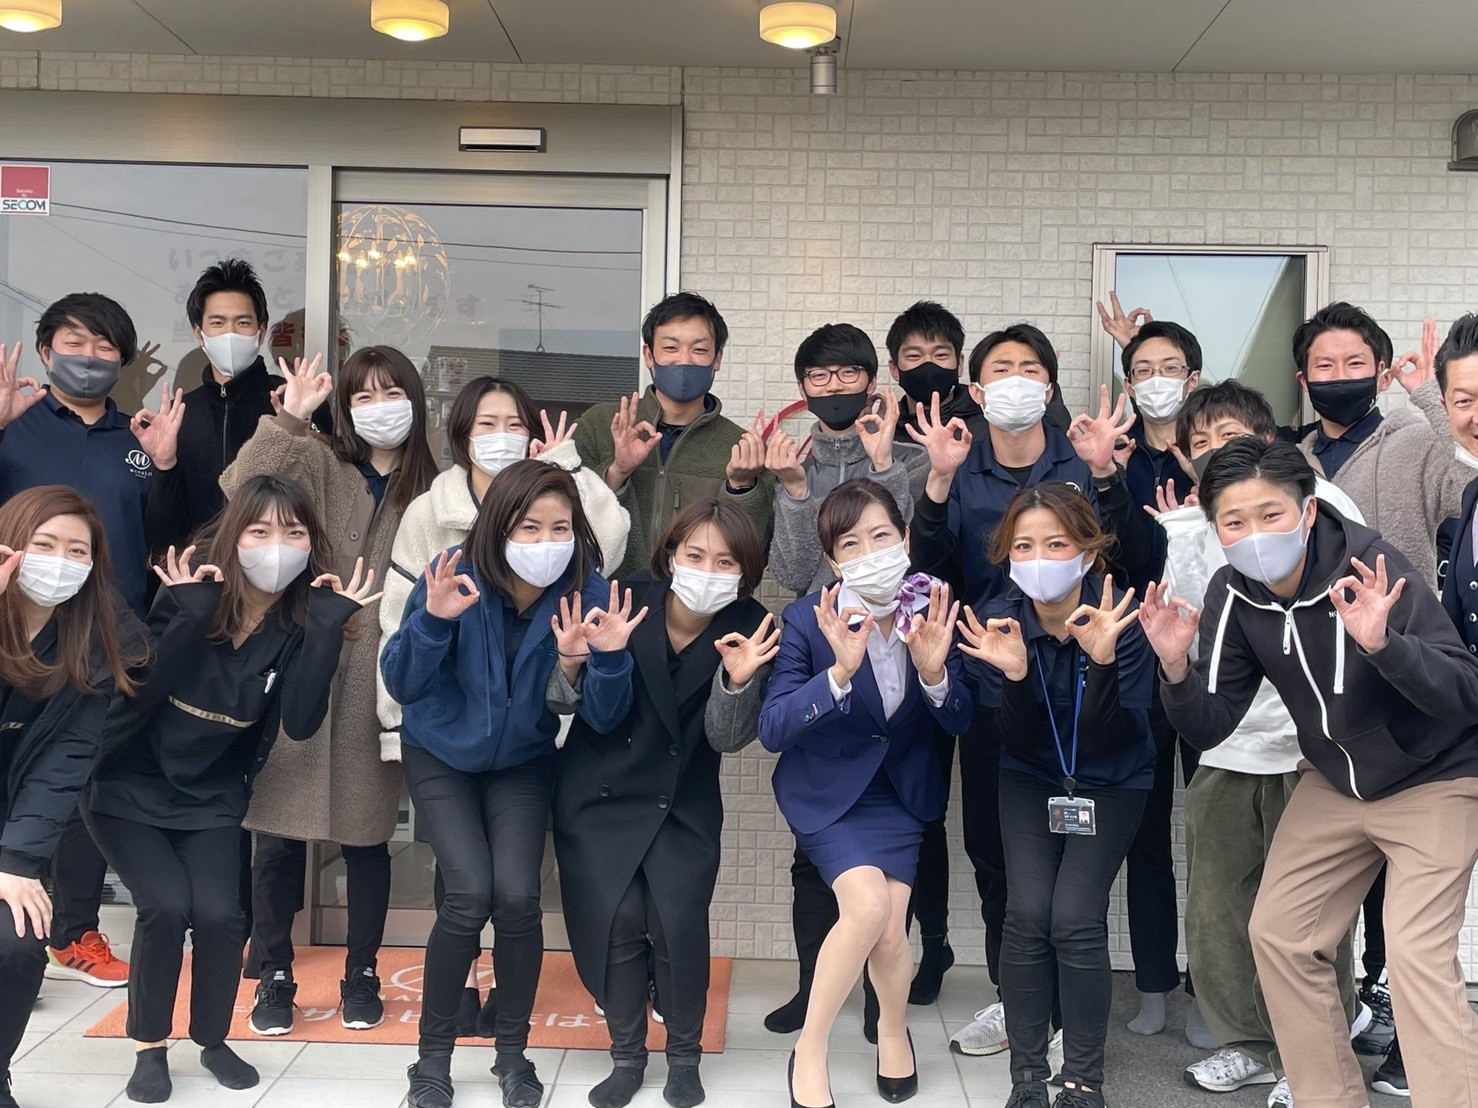 【開催報告】株式会社昭真会 スタッフの皆様にビジネス・接遇マナー研修